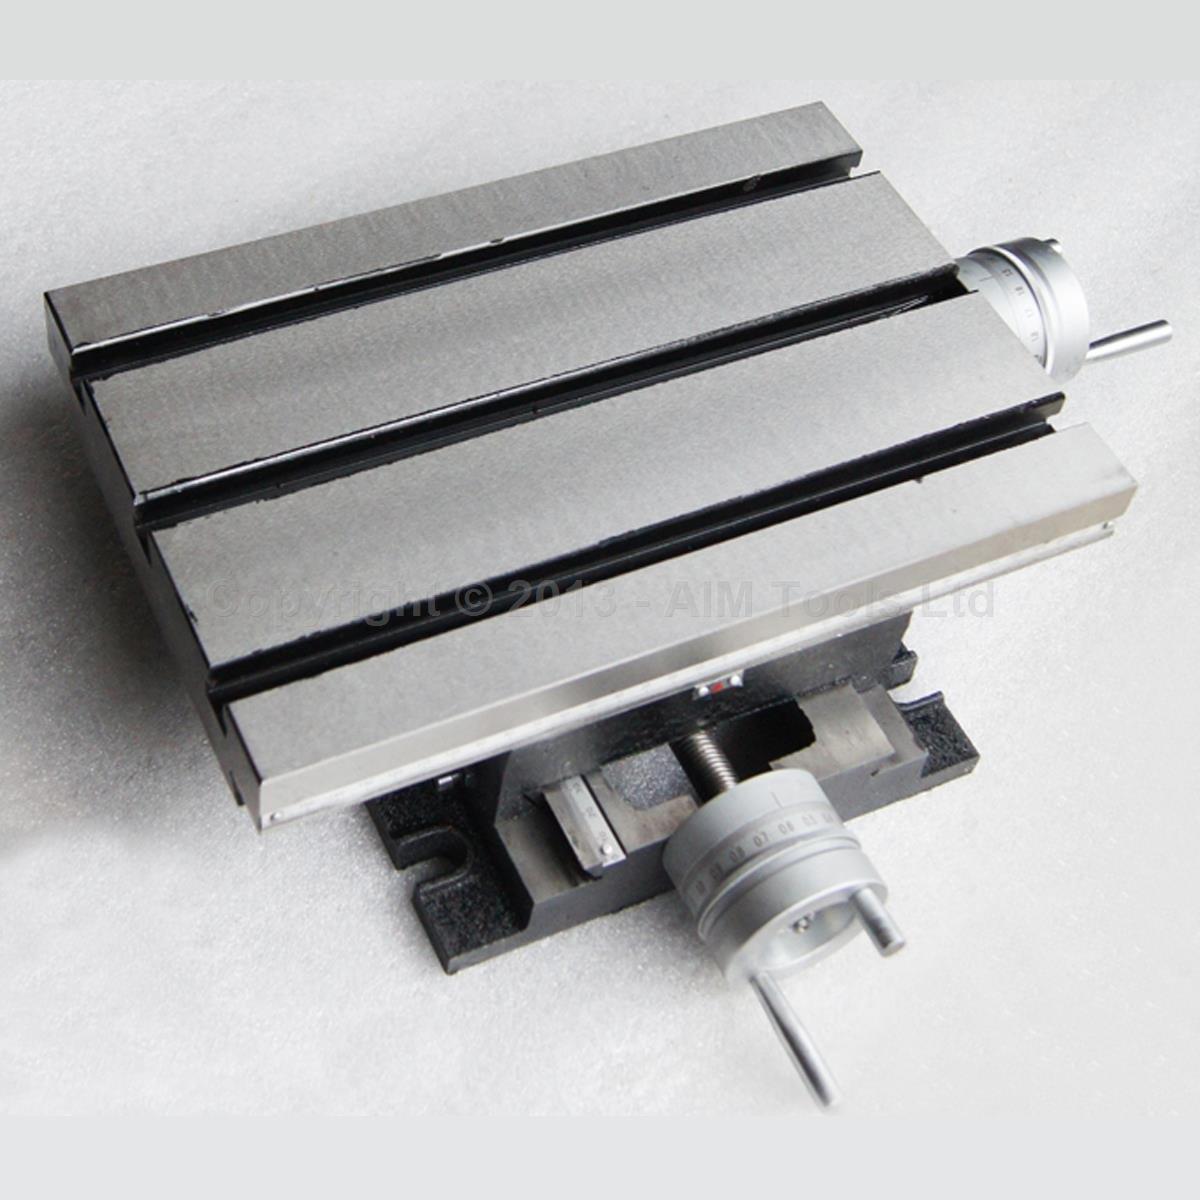 Merry Tools HK resistente taladro de cruz fija Slide Base fresador cil/índrico giratorio mesa 225 x 175 mm 402190